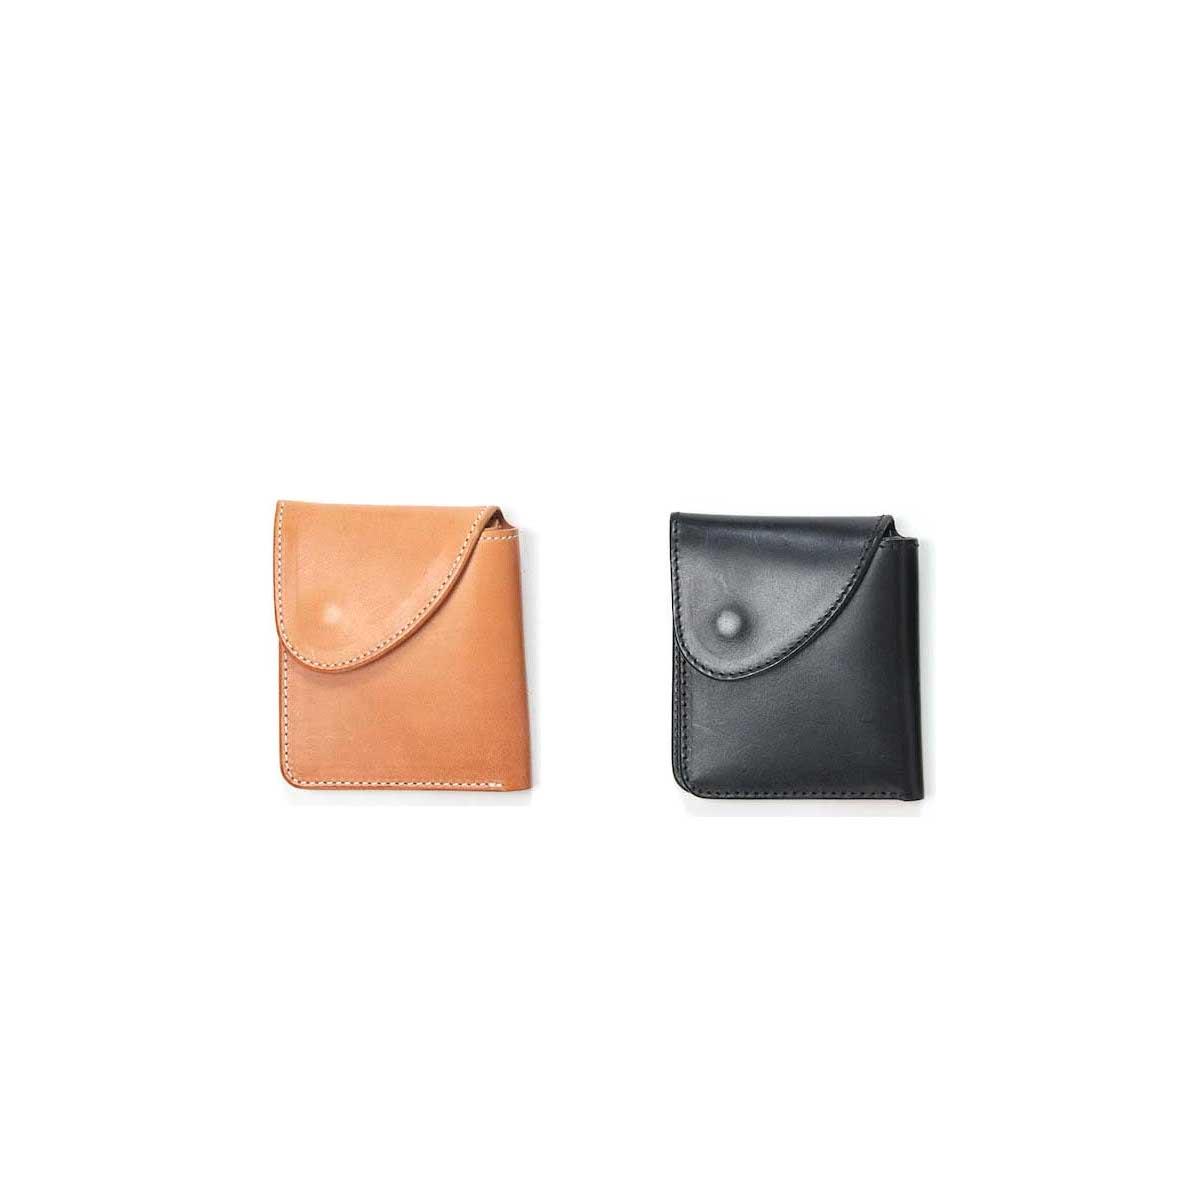 Hender Scheme / wallet